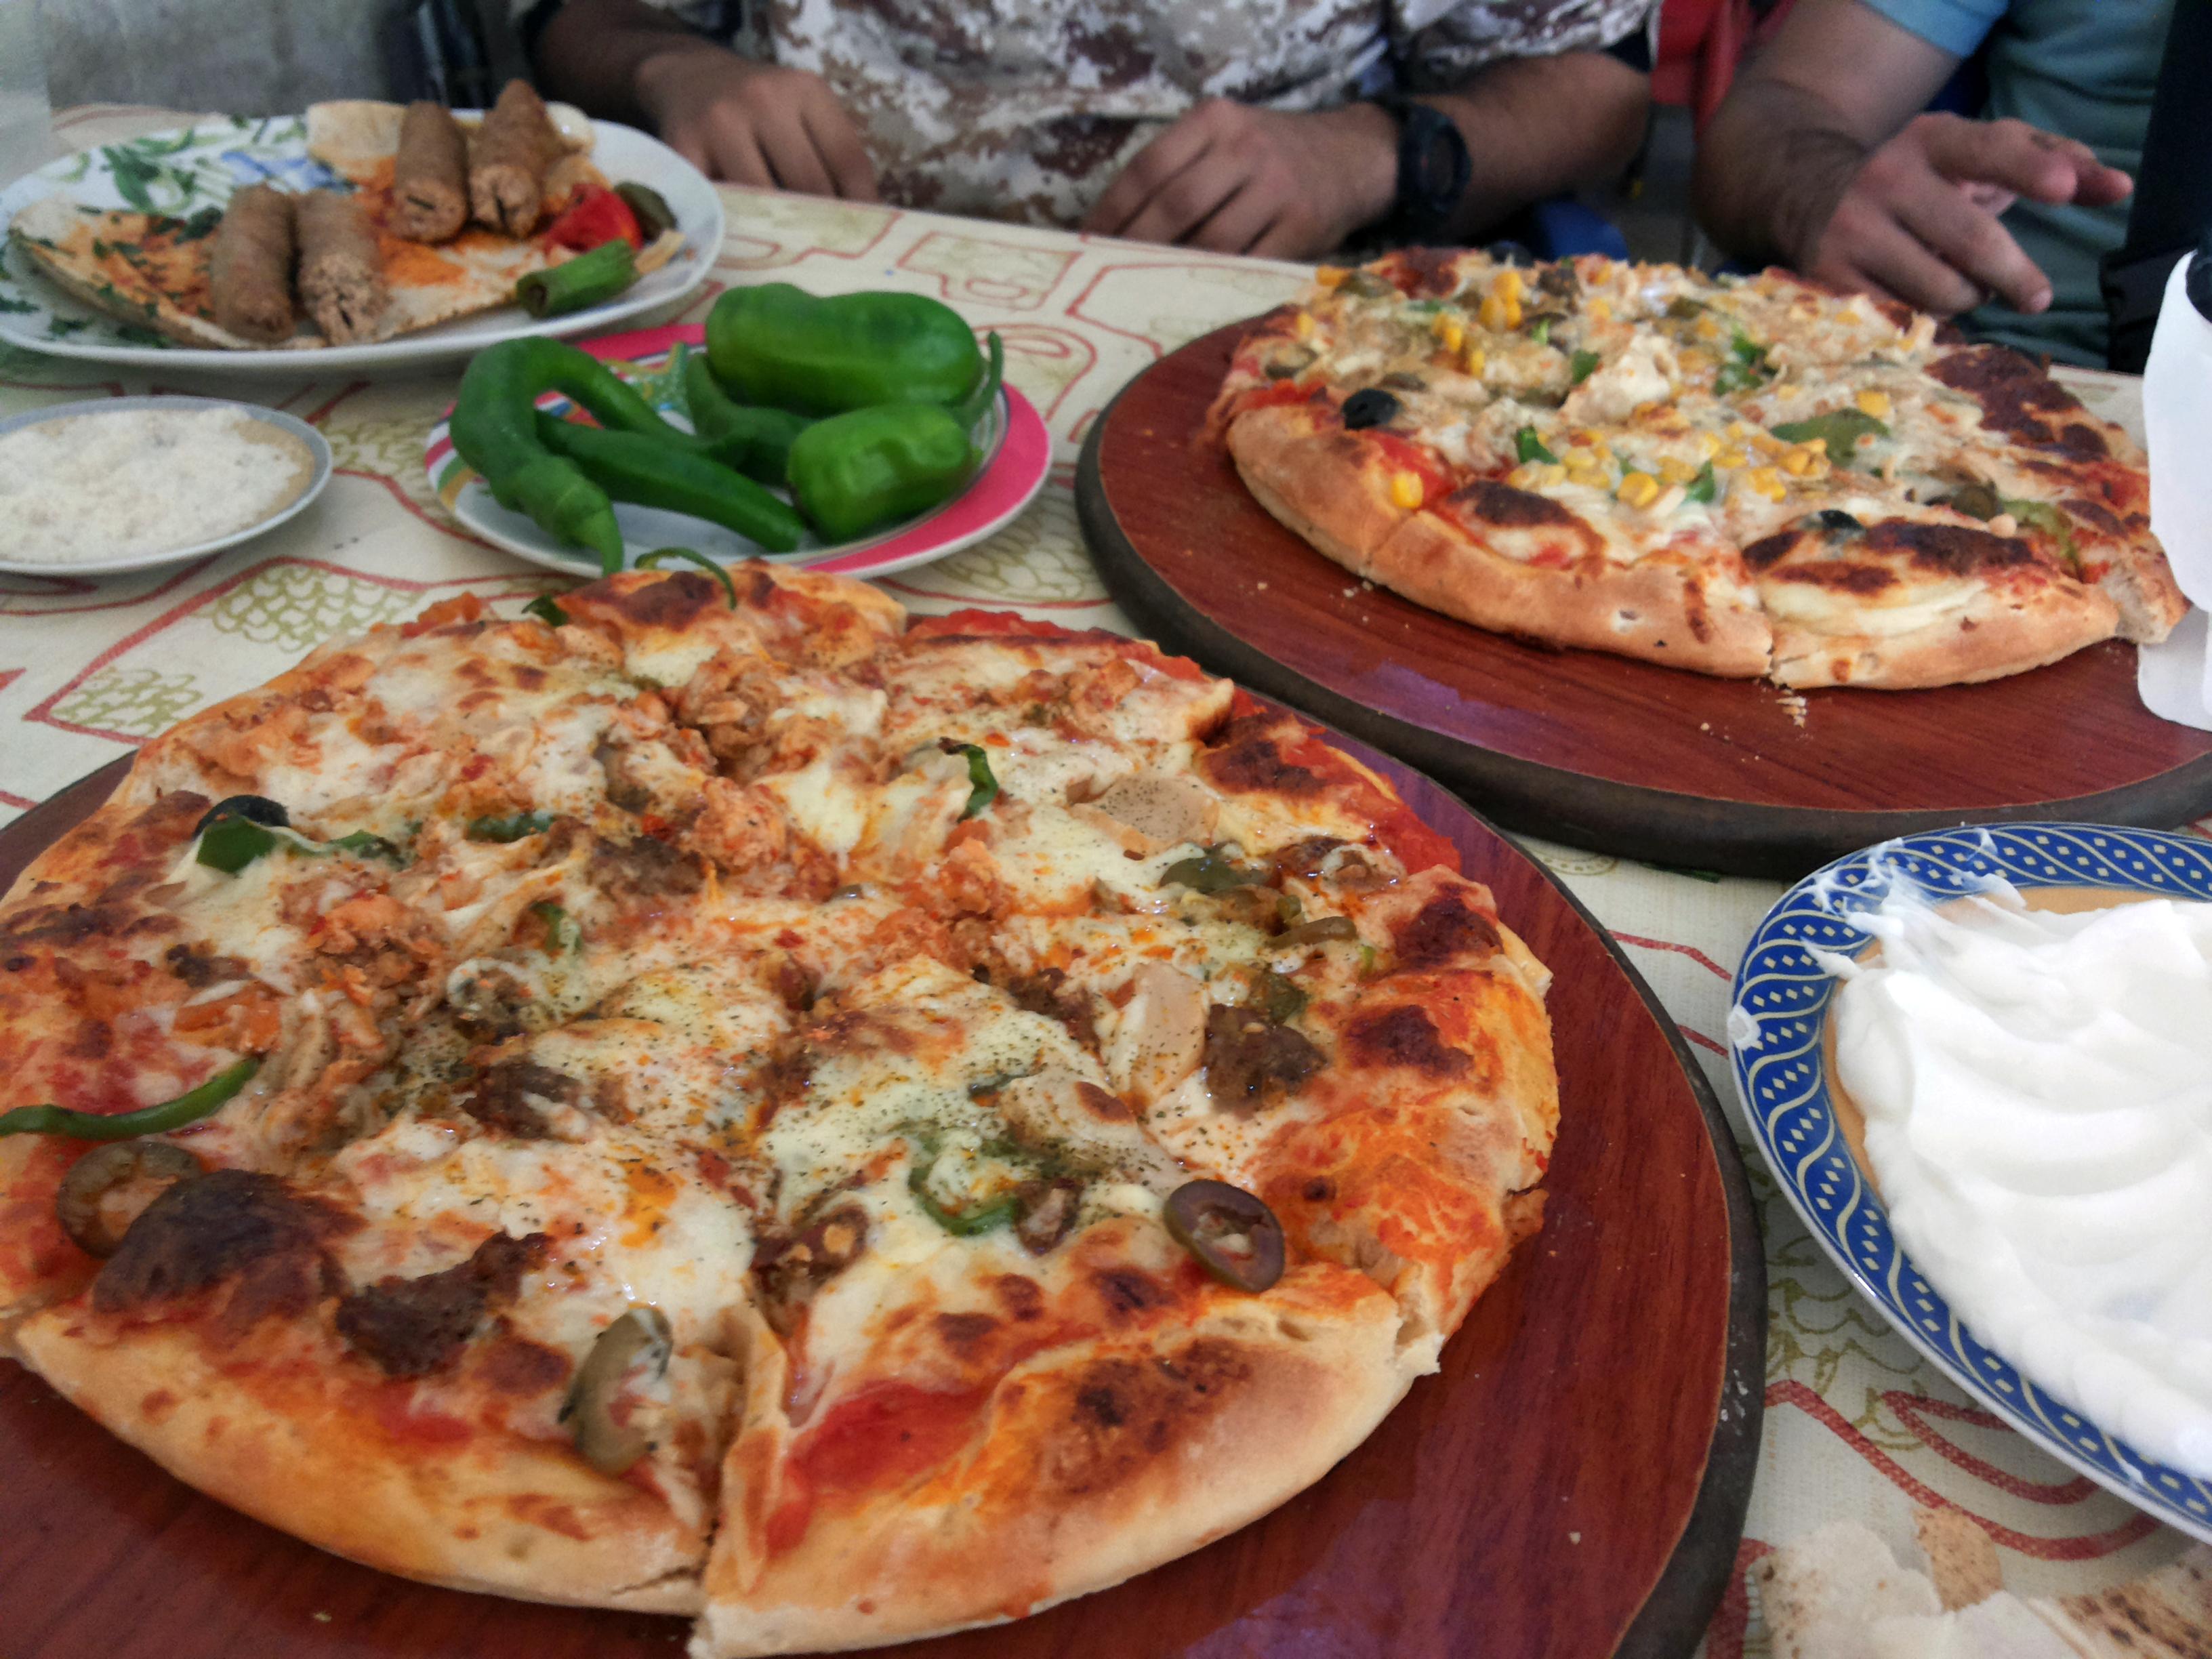 لا يوفر السياح المجاهدون متعة تناول الأطعمة الغربية والشرقية في وقت واحد (الغربال- زاهر سواس)